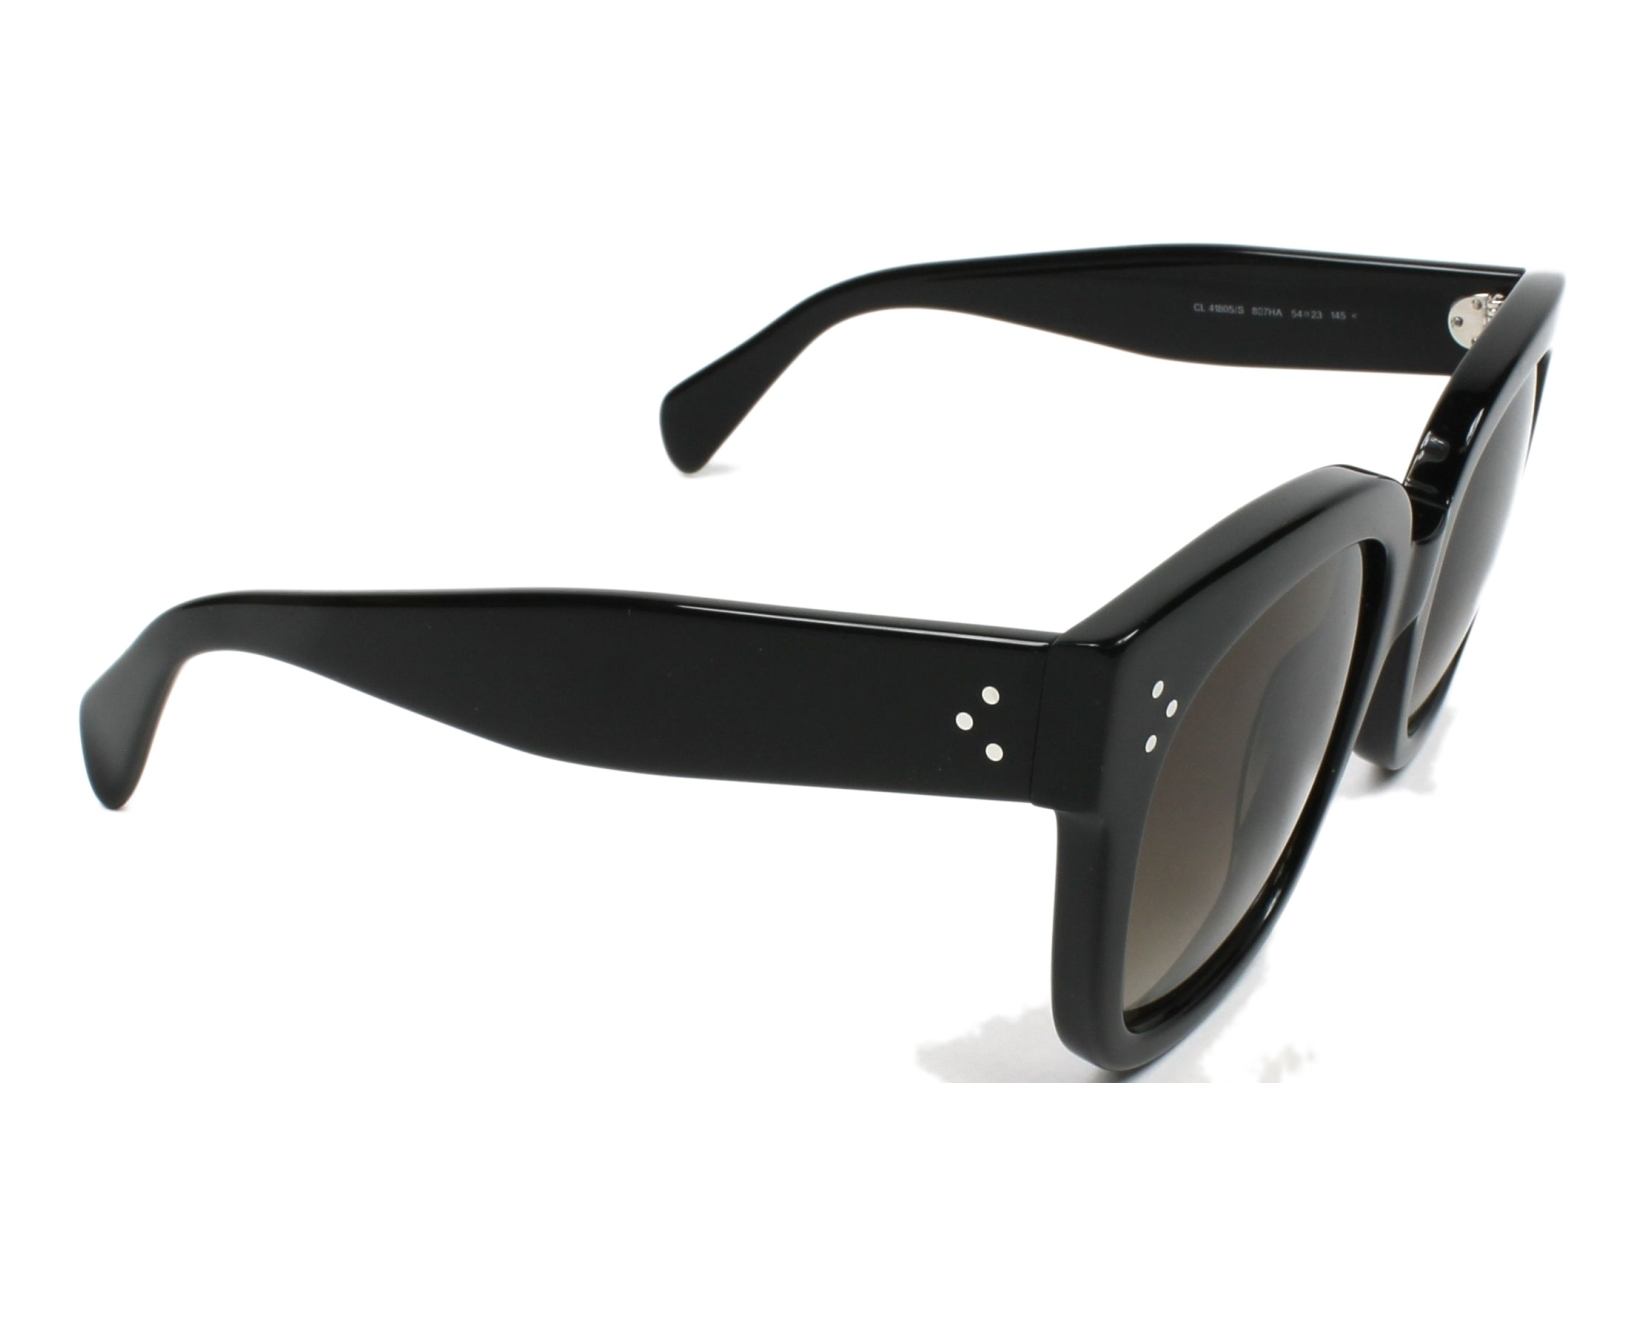 133d574f6635 Sunglasses Céline CL-41805 807 HA - Black side view